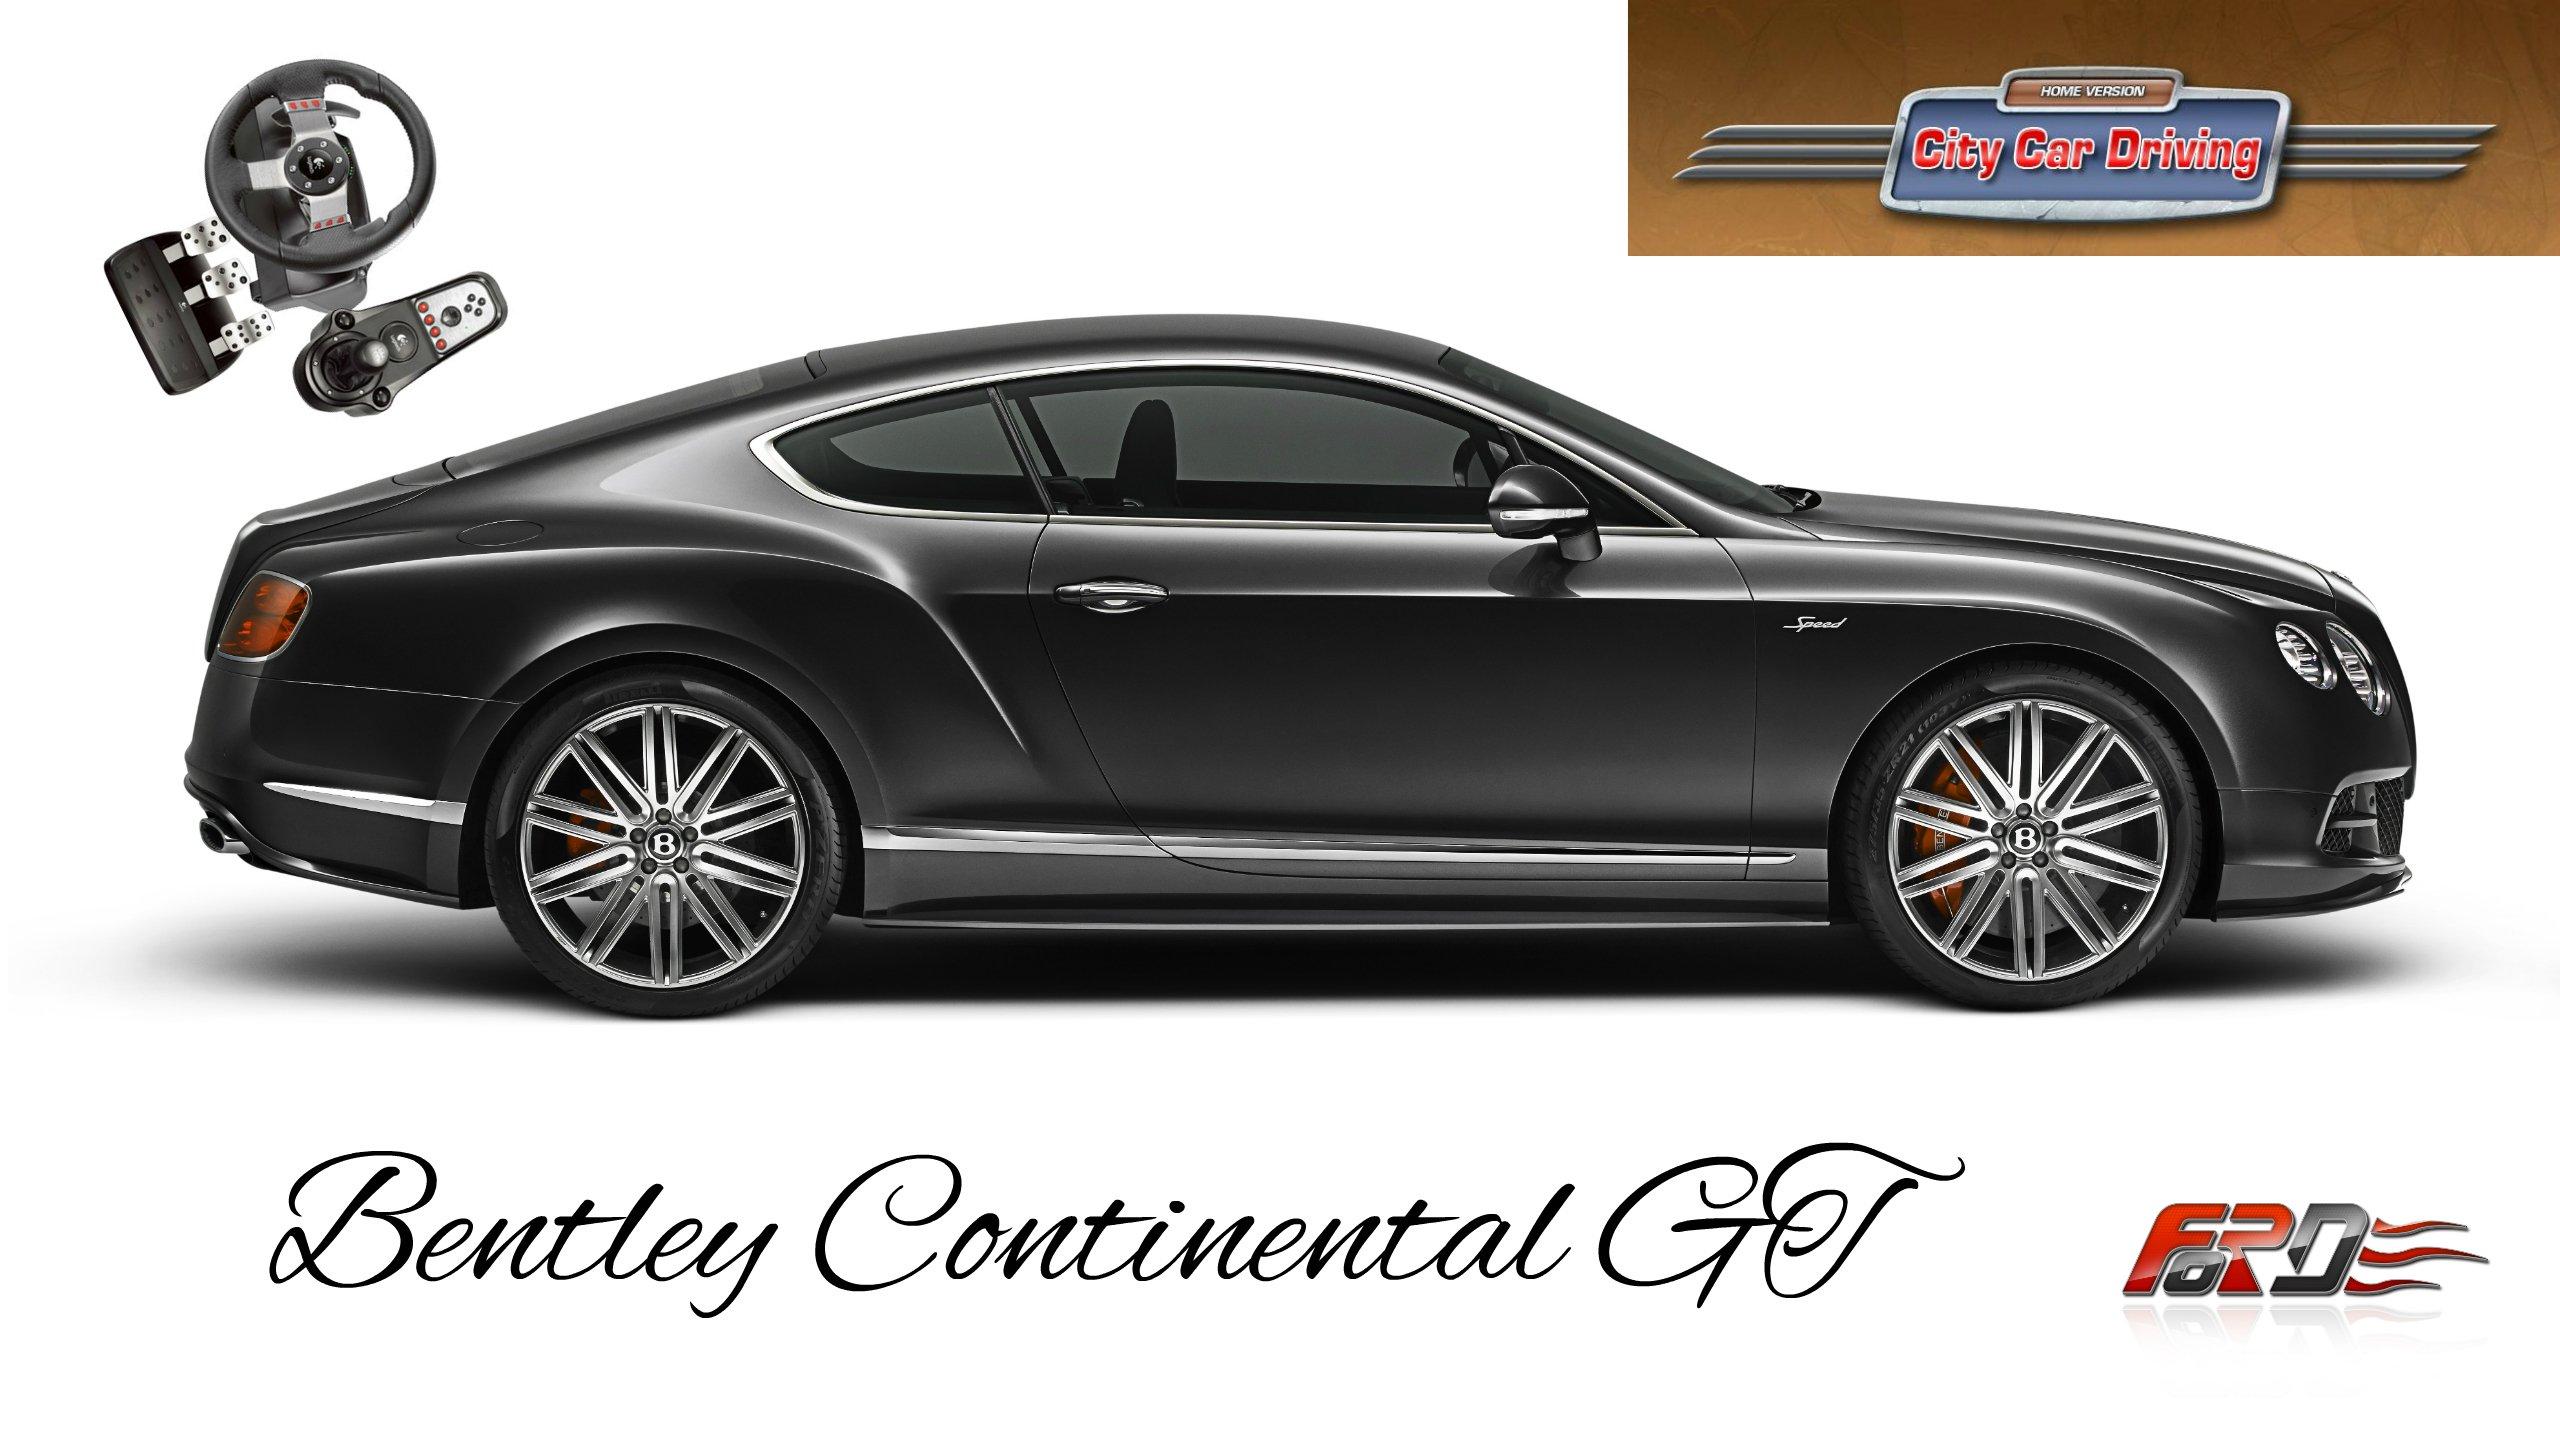 Bentley Continental GT - тест-драйв, обзор спортивного купе премиум сегмента в City Car Driving  - Изображение 1